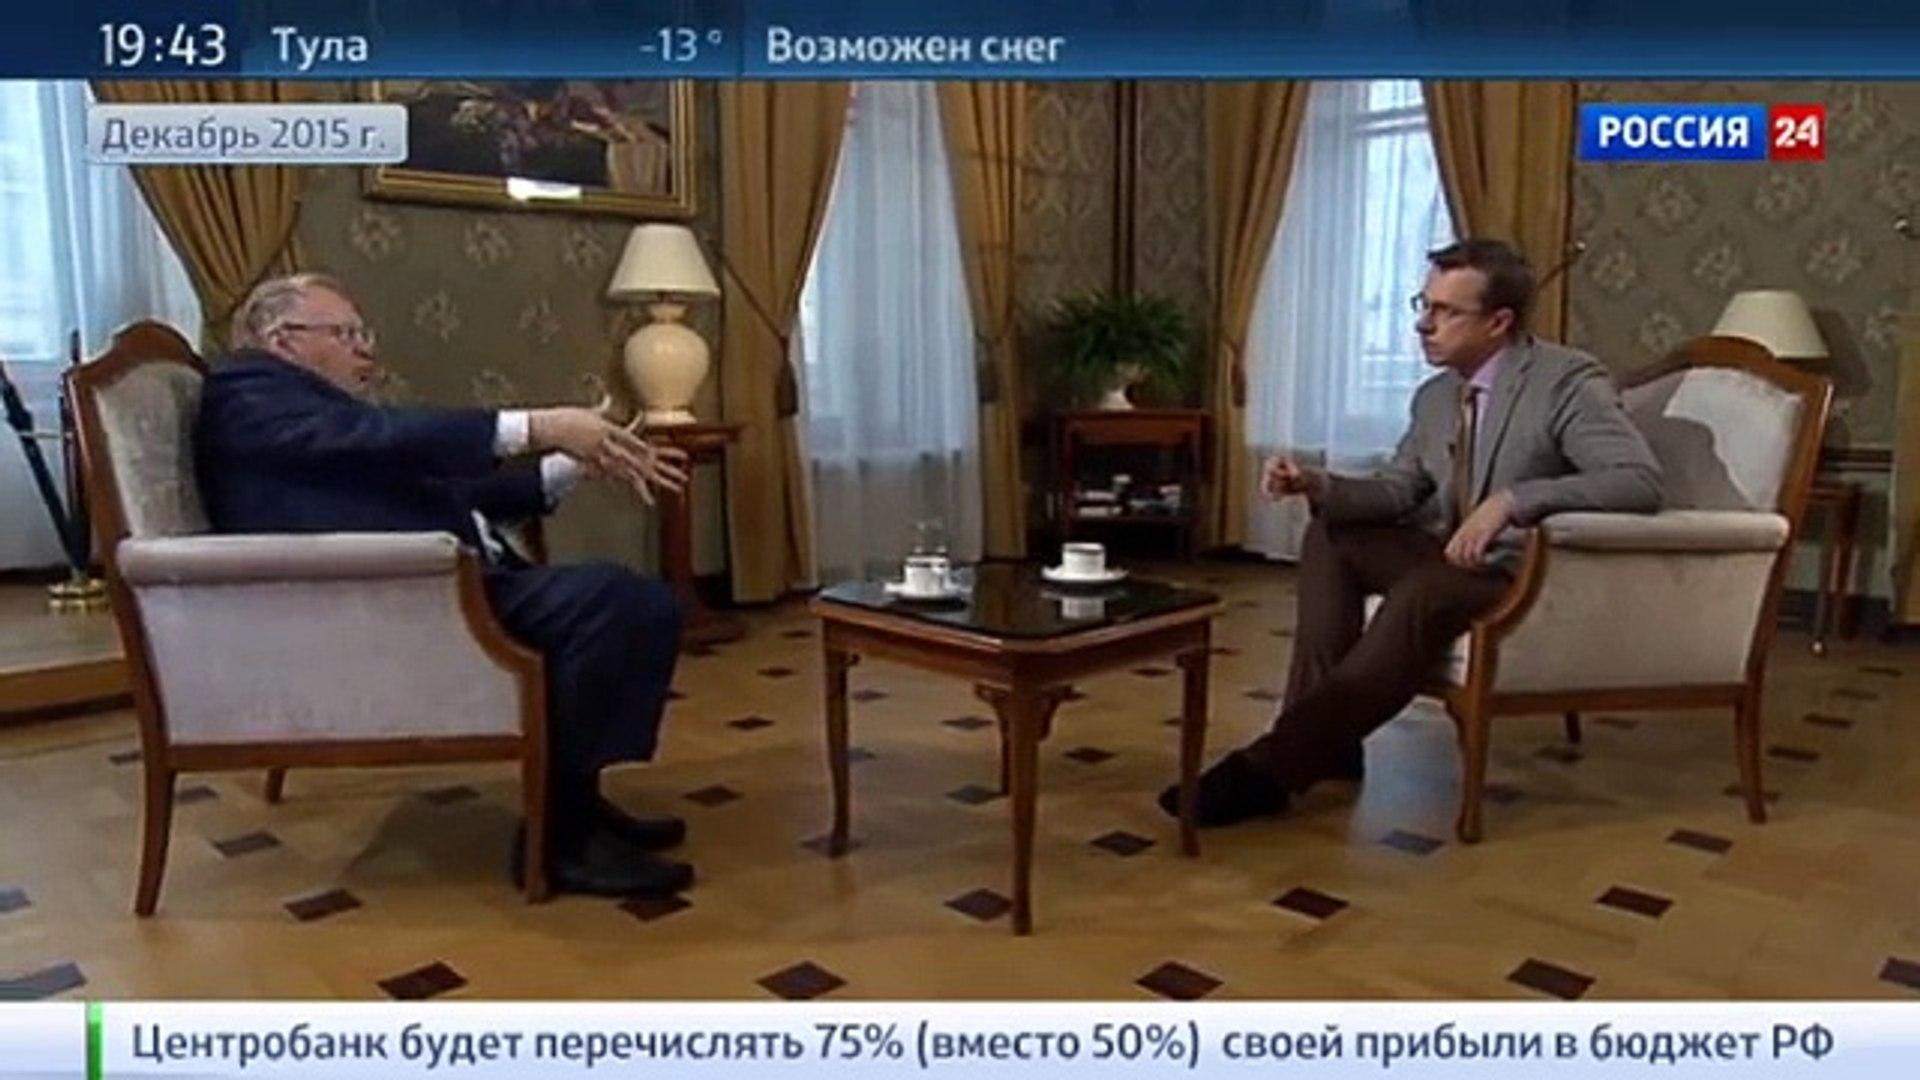 Жириновский: политика в отношении Сирии резко подняла международный авторитет России